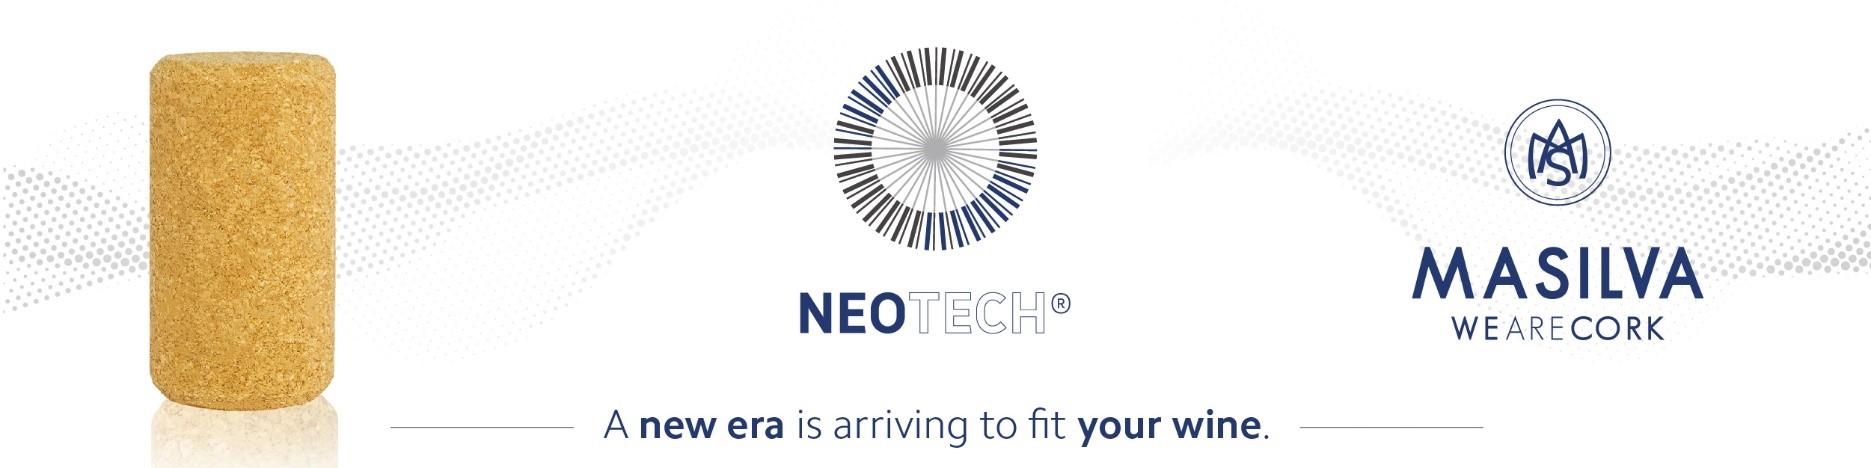 Neotech, il sistema di MaSilva per la neutralità dei tappi